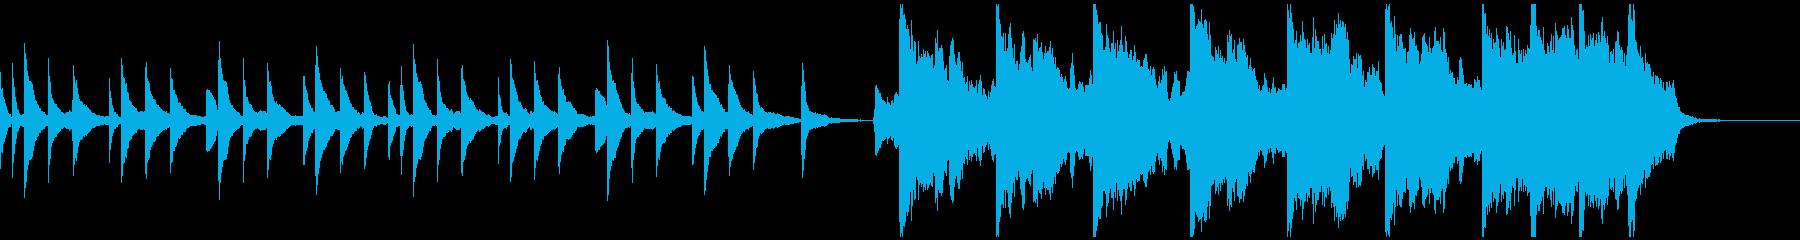 ピアノとバイオリンによる悲しい曲 Aの再生済みの波形